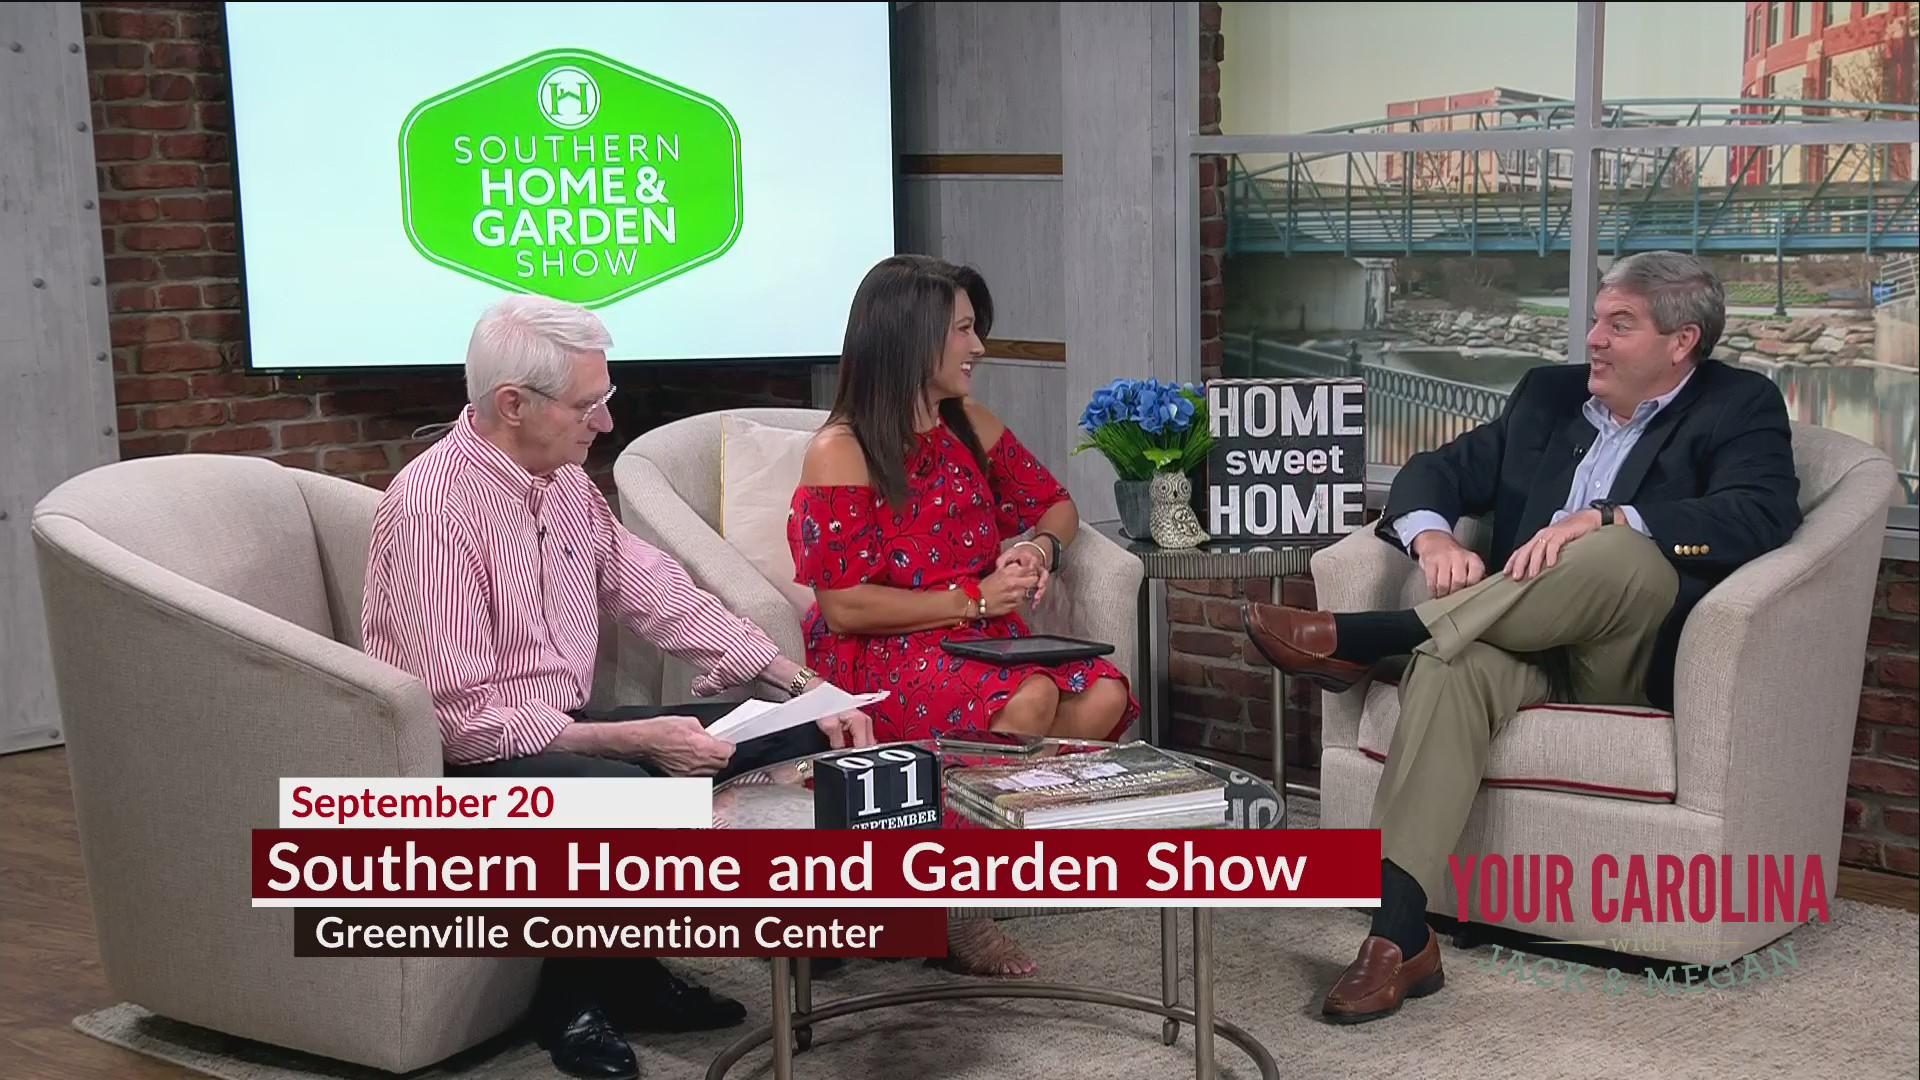 Southern Home & Garden Show 2019